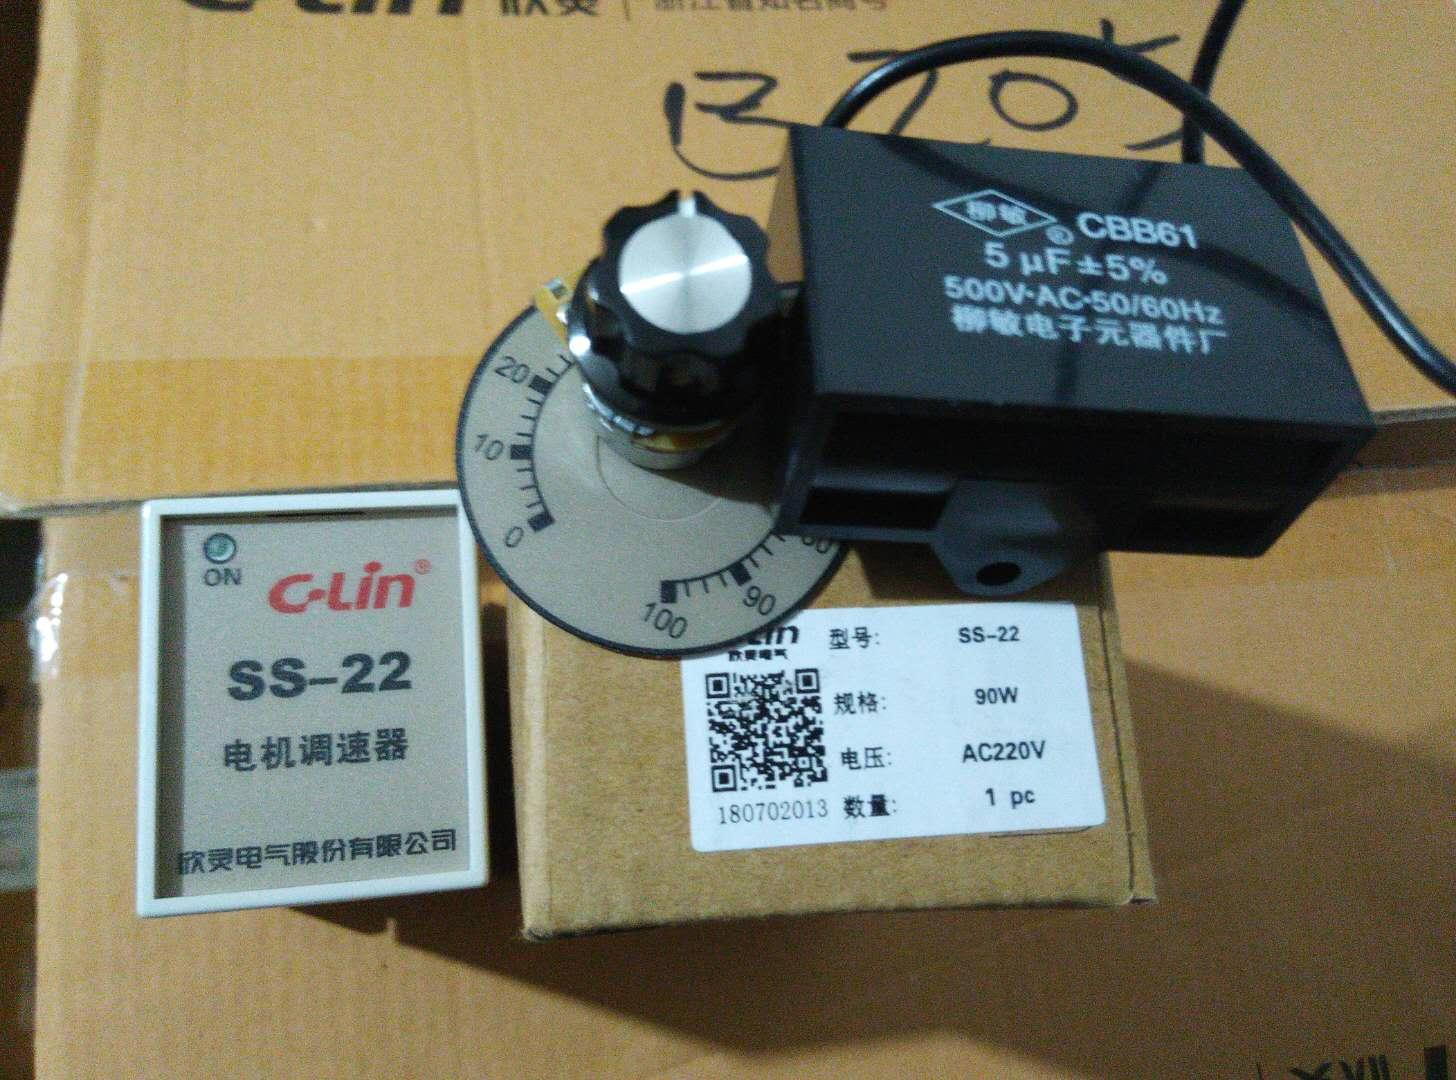 Motor controller Echte C-Lin Xinling SS-22 Motor Speed Controller AC220V Standard 90w